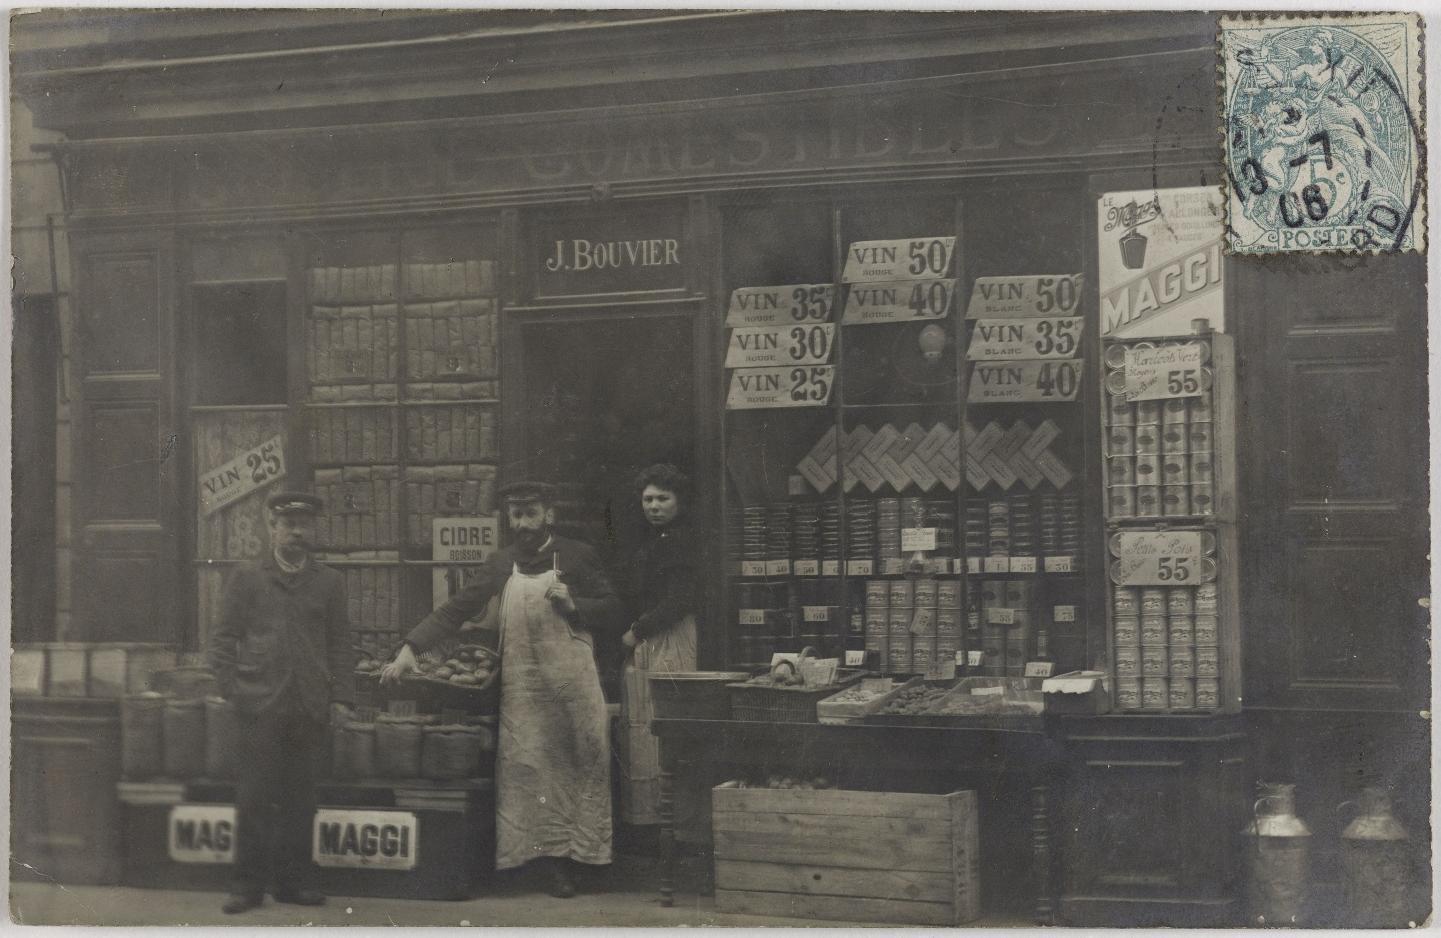 1906. Продукты и алкоголь, 186, rue de Charenton (12-й округ). Сейчас Агенство недвижимости